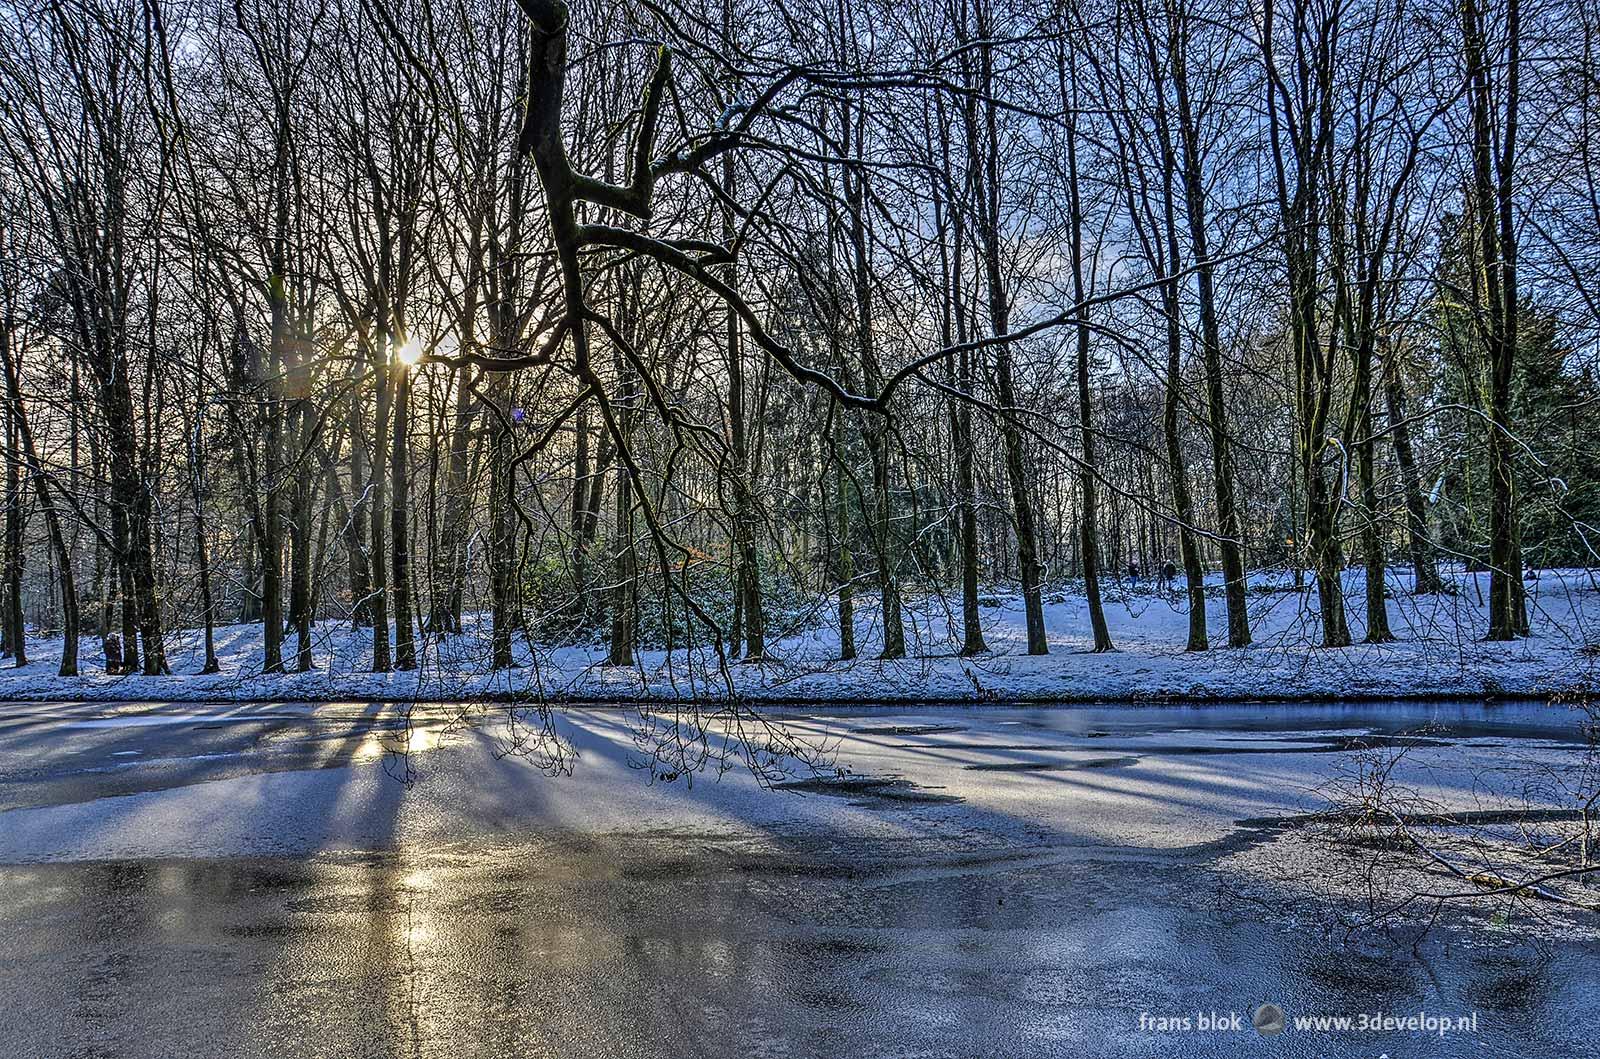 De zon schijnt door de bomen in Park Sonsbeek in Arnhem en werpt schaduwen op een bevroren en deels met sneeuw bedekte vijver.